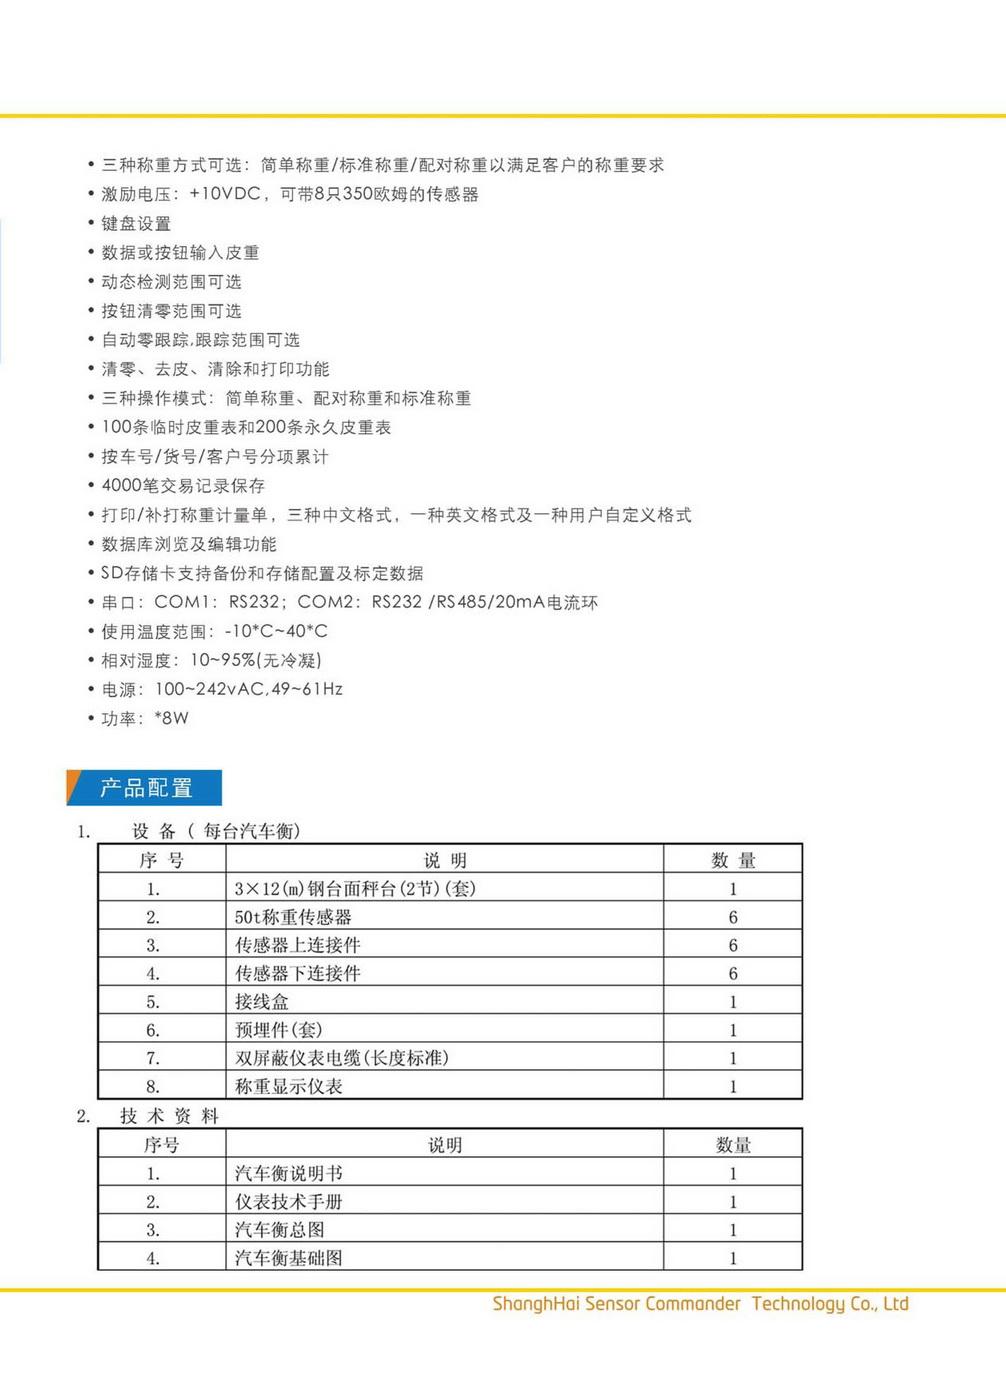 尚测科技产品选型手册 V1.3_页面_92_调整大小.jpg